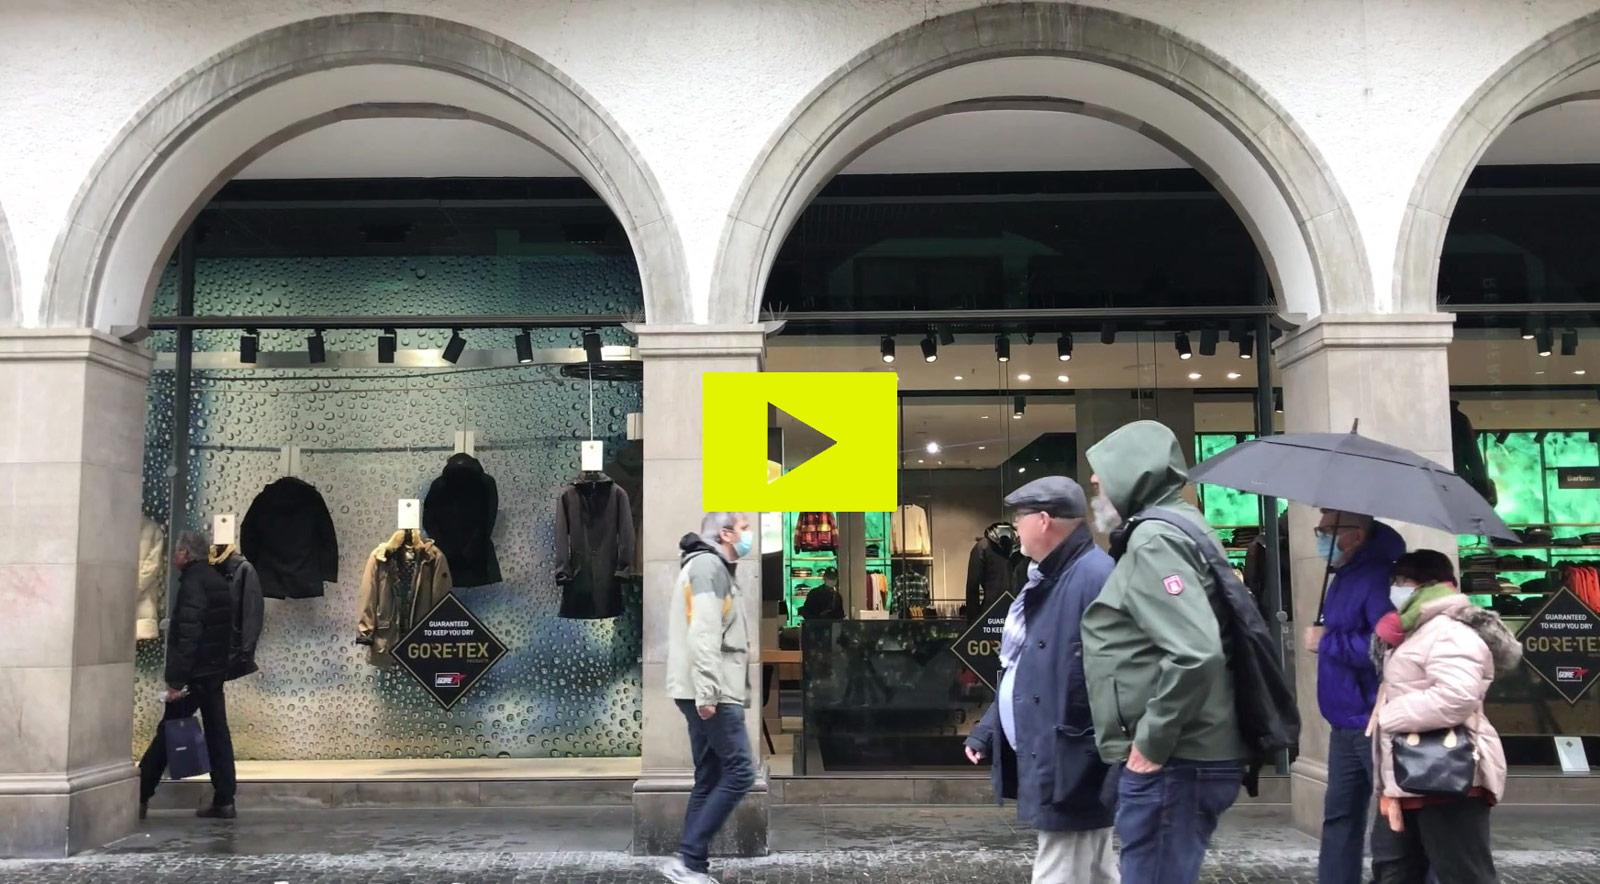 gore tex jackets waterproof wasserdicht shopwindow design retail shop window munich